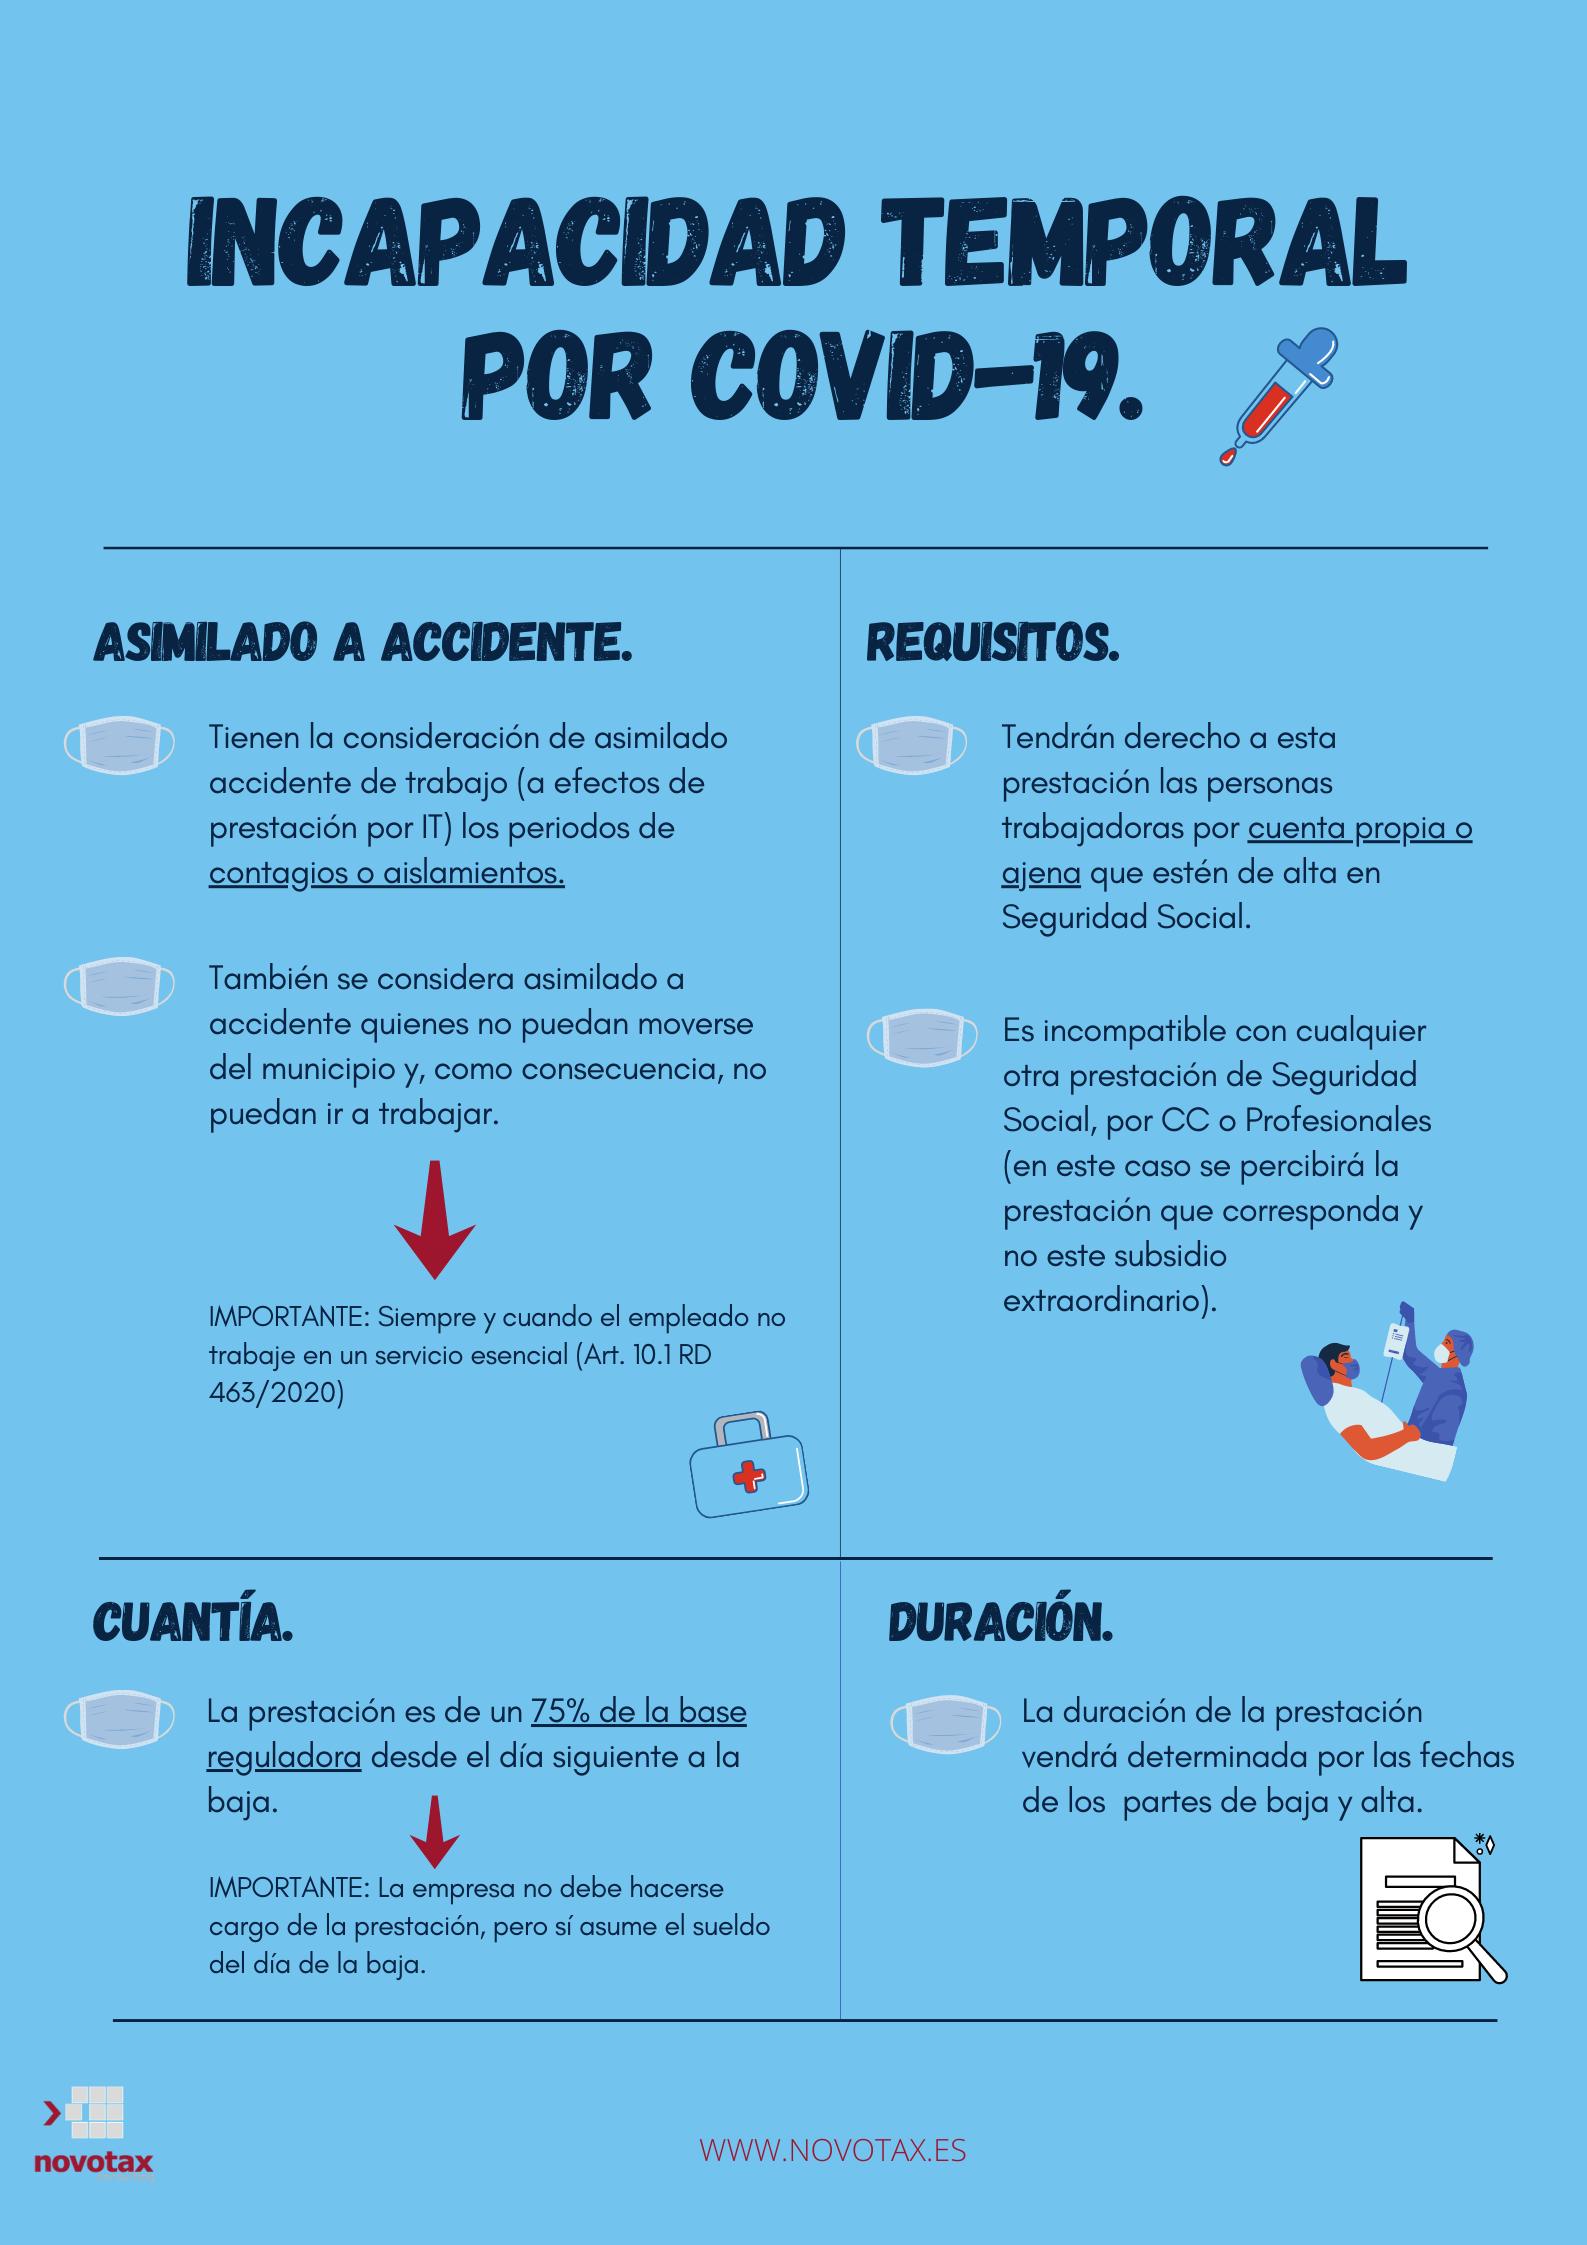 Incapacidad temporal por Covid-19